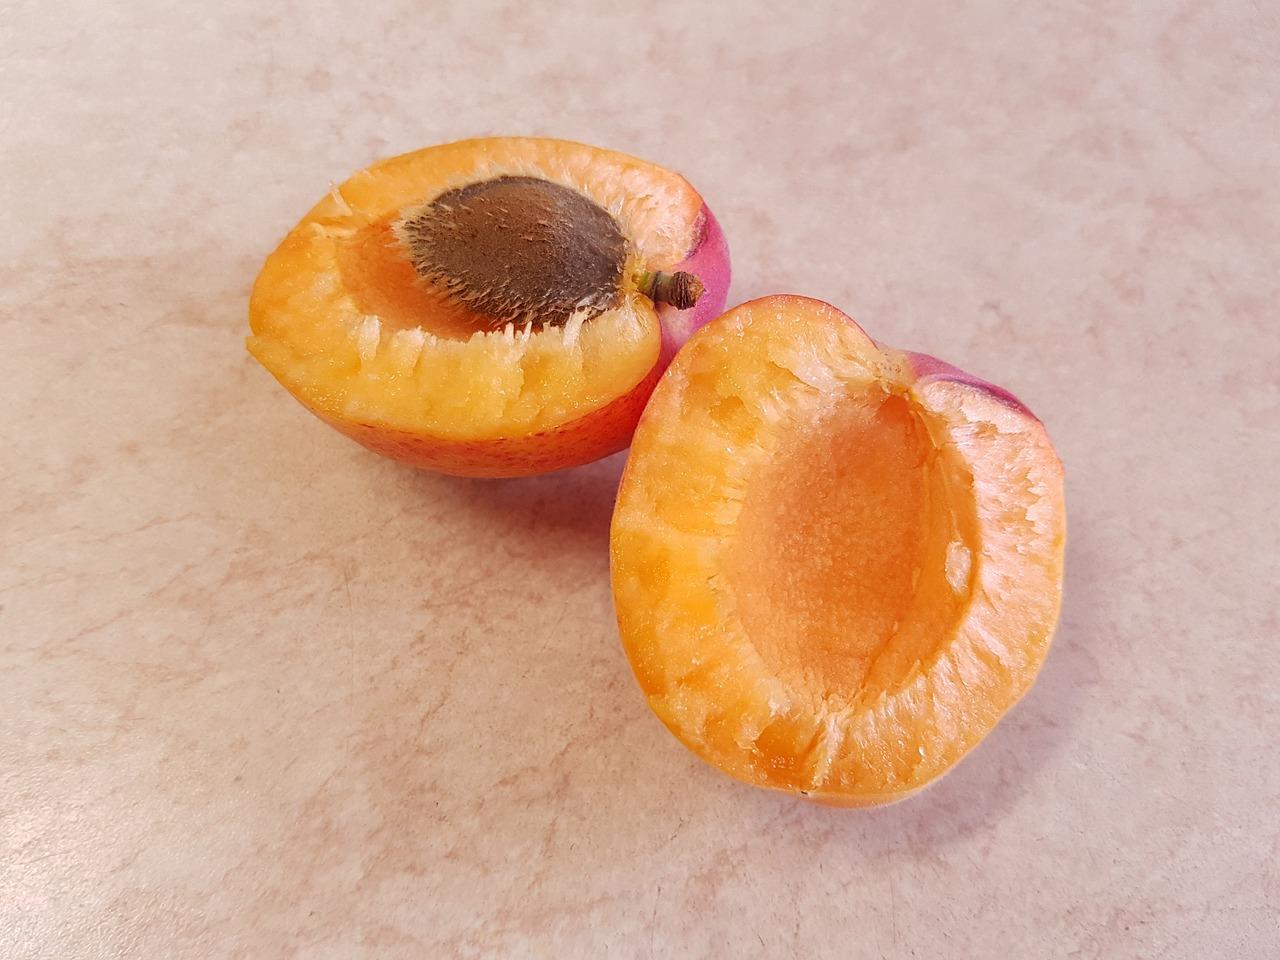 стрижка картинки абрикос и апельсина интересное выражение пришло